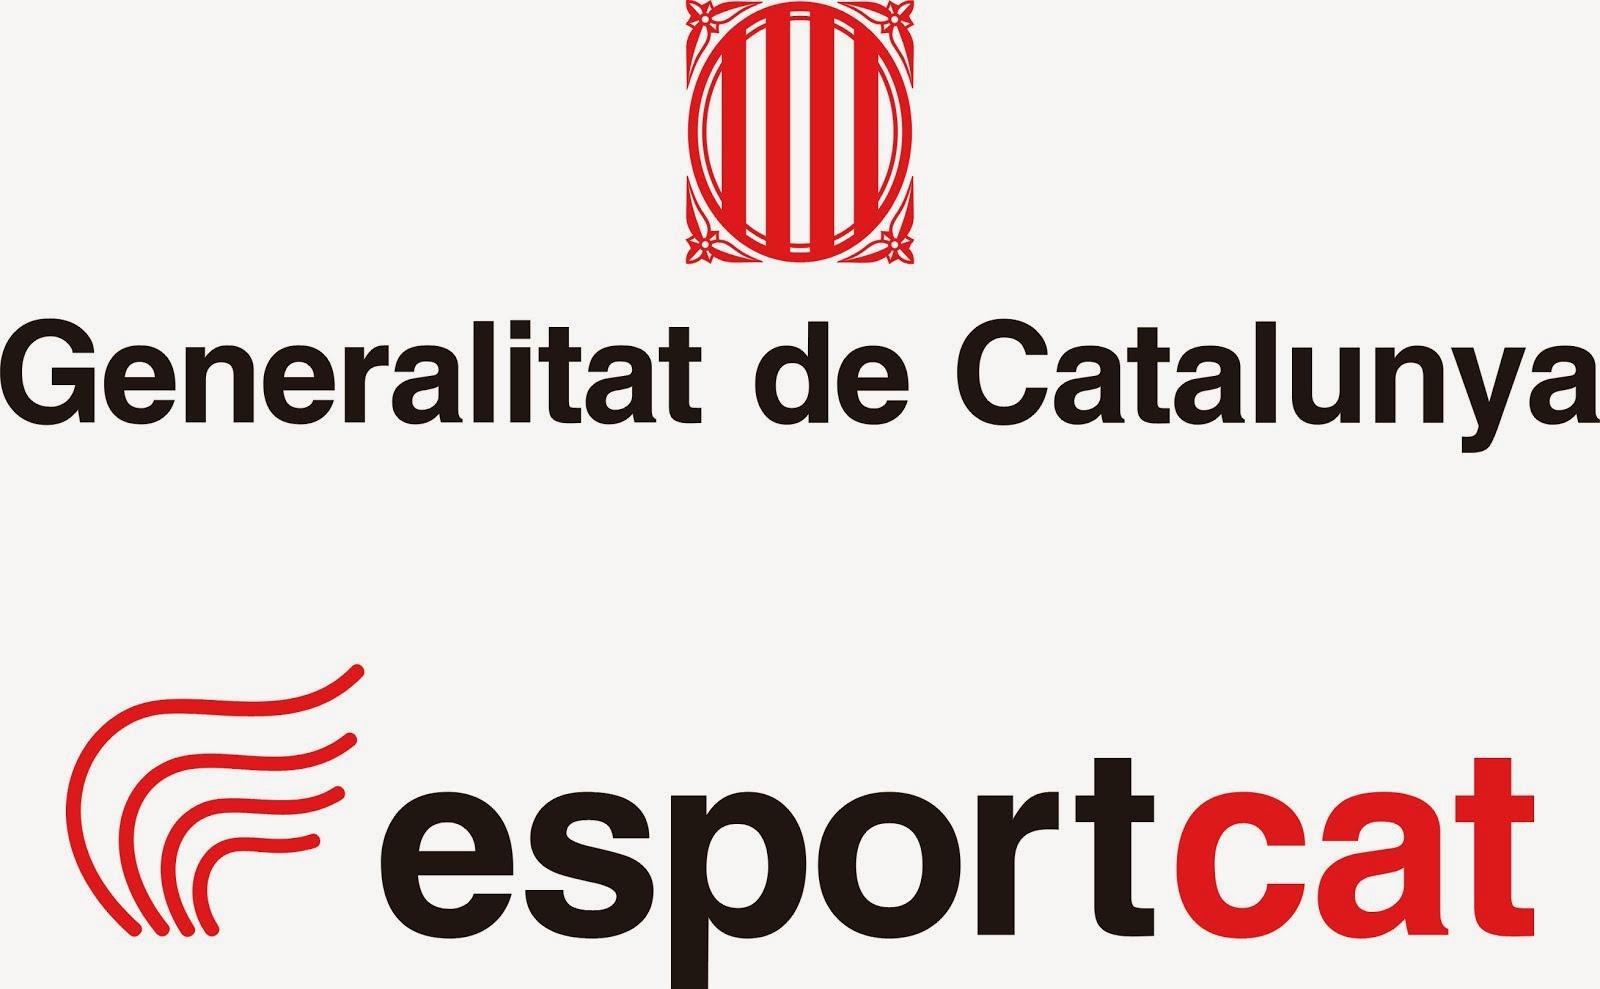 Generalitat de Catalunya. Esports